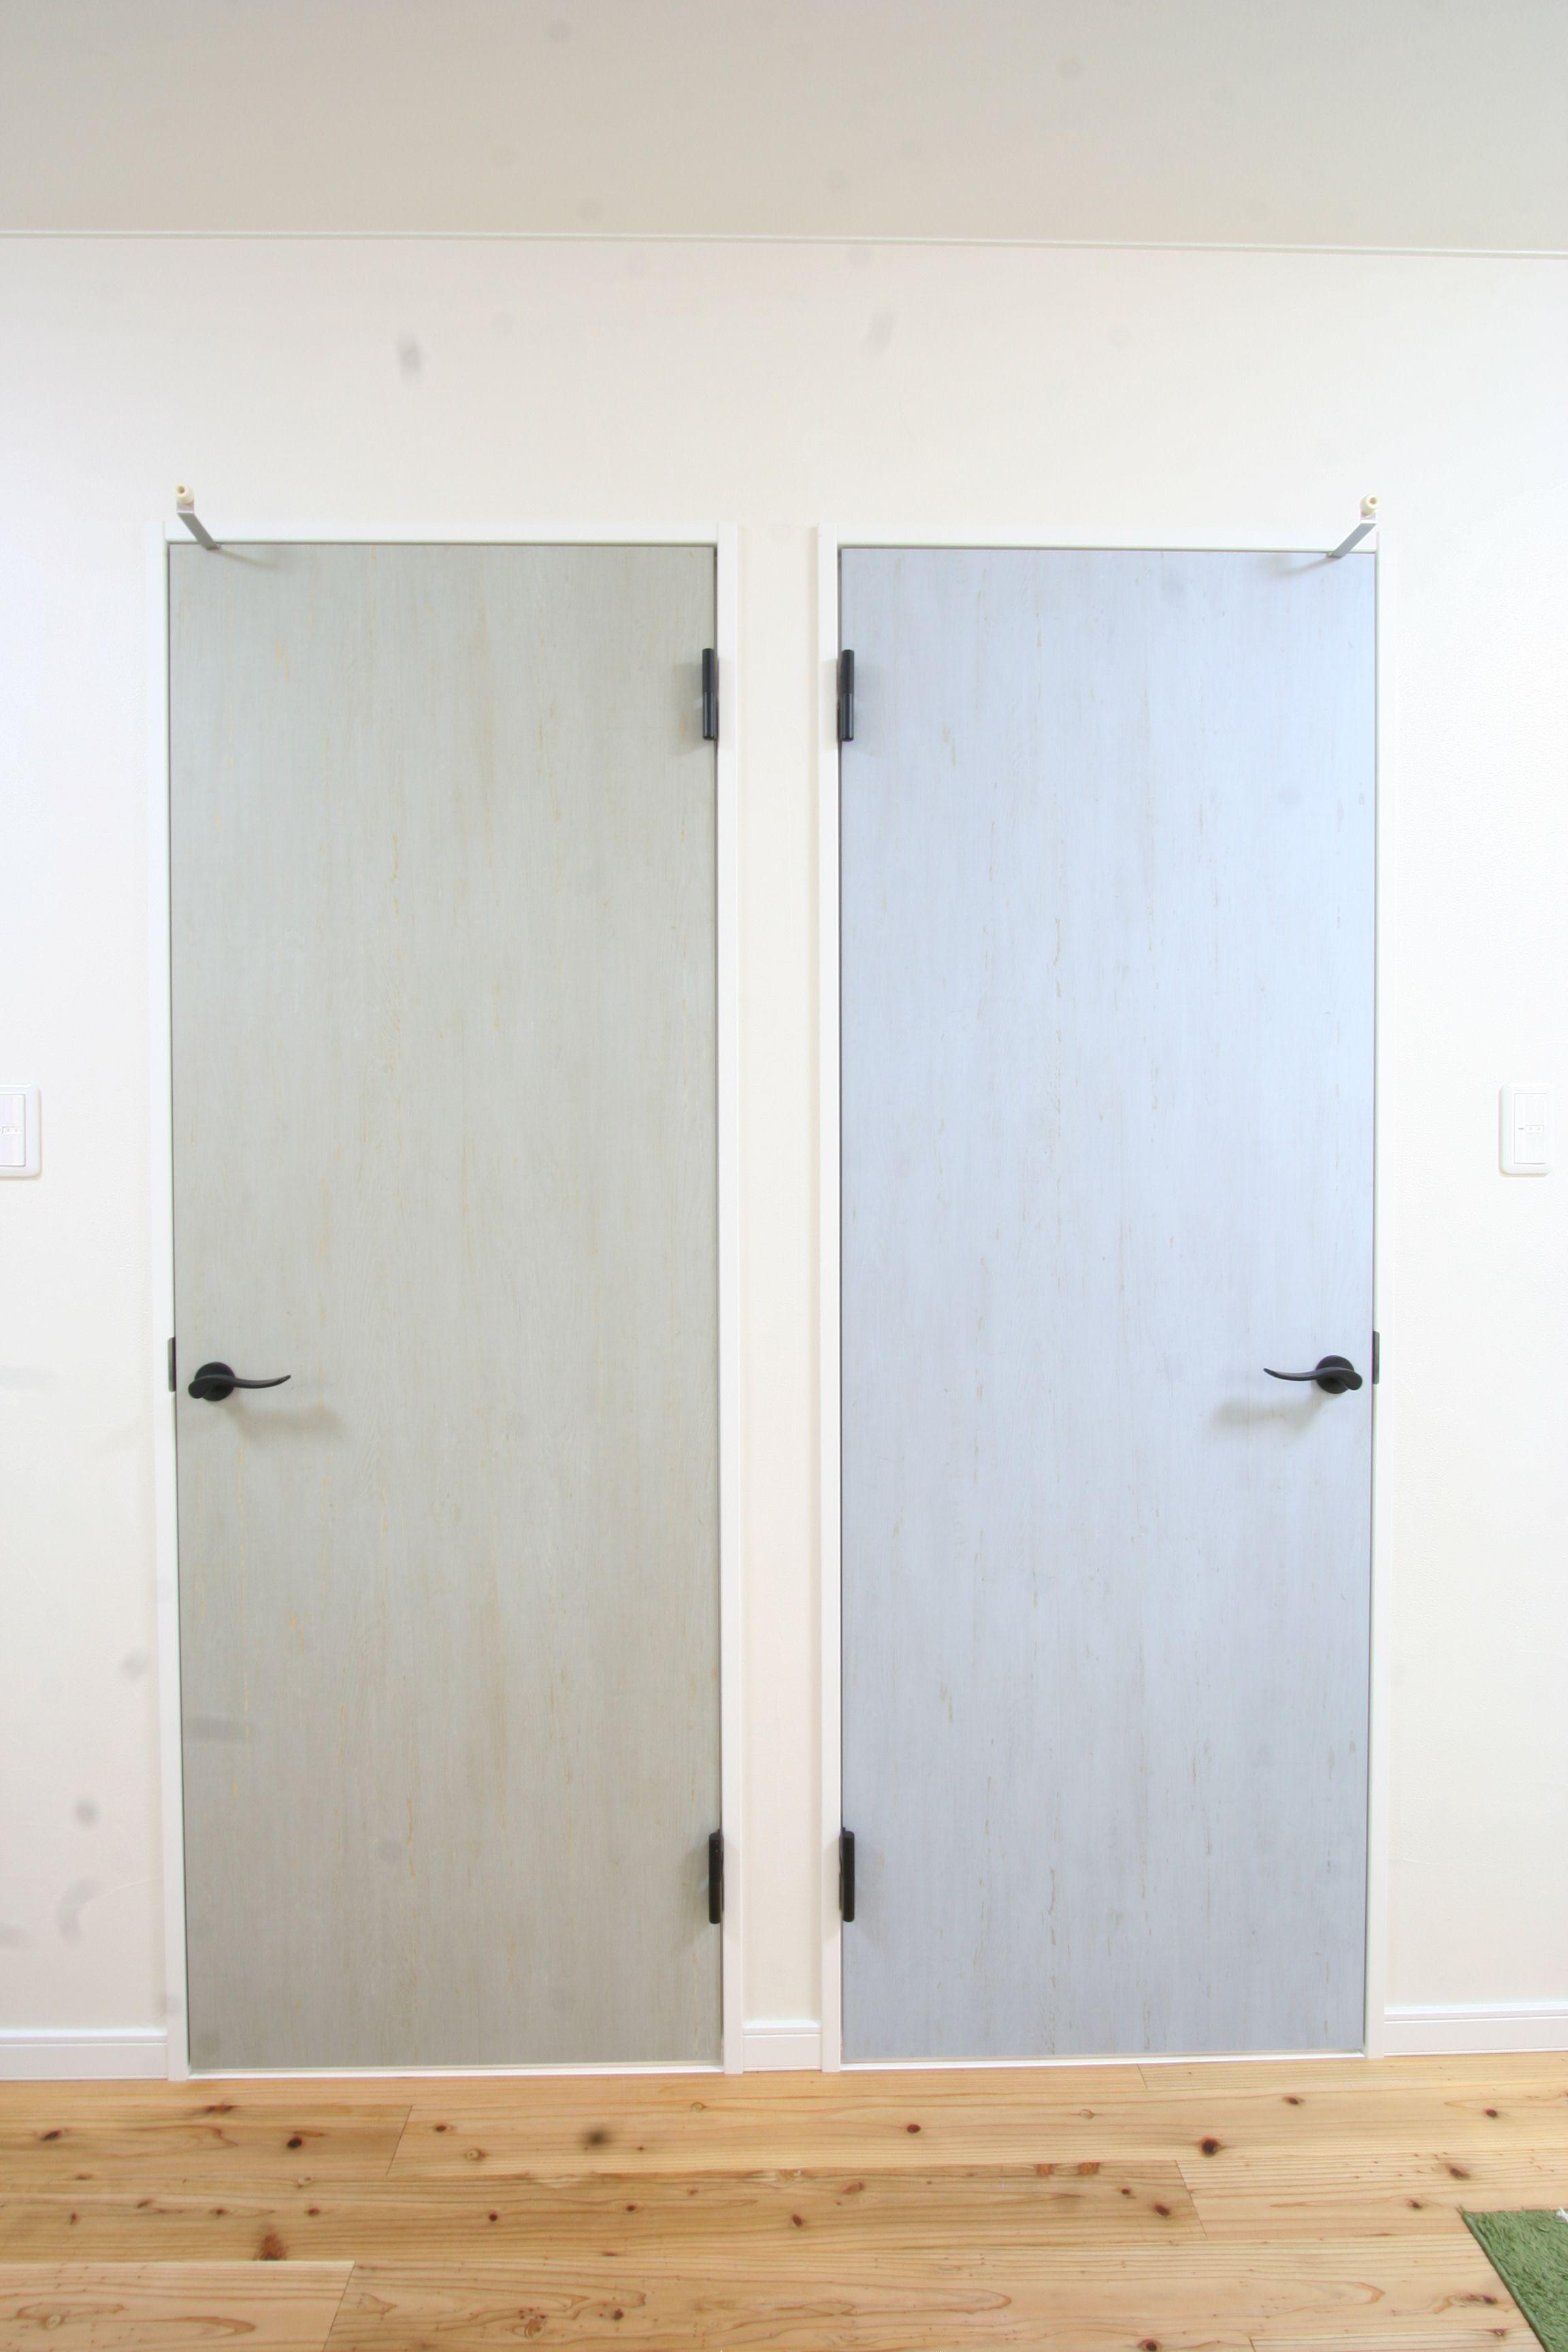 建具 リクシル 無垢床 杉 珪藻土 インテリア 室内建具 ドア 子供部屋 注文住宅 新築 純工房 リビング ナチュラルモダン リクシル 建具 室内ドア